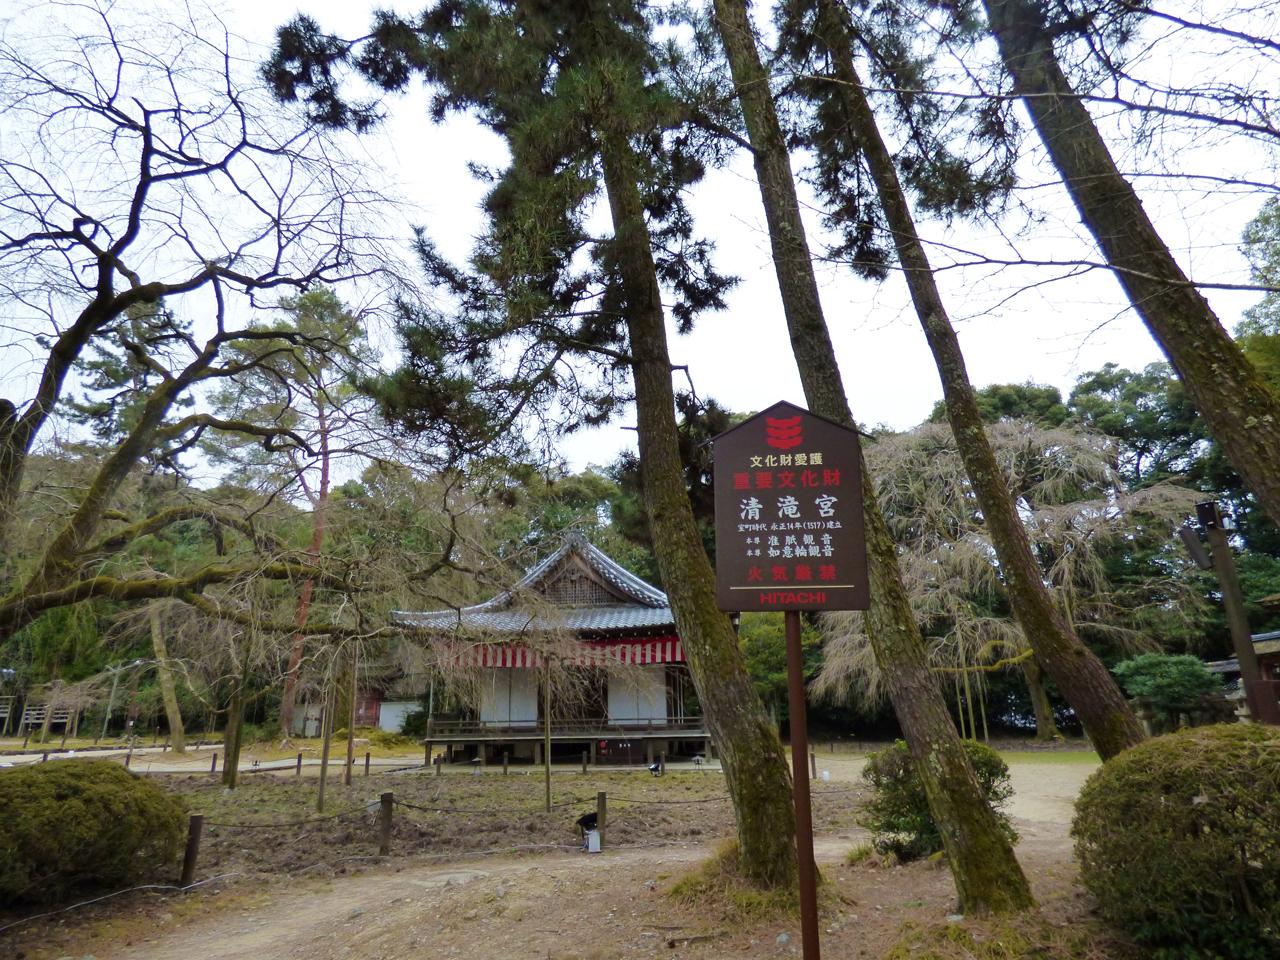 醍醐寺 清滝宮